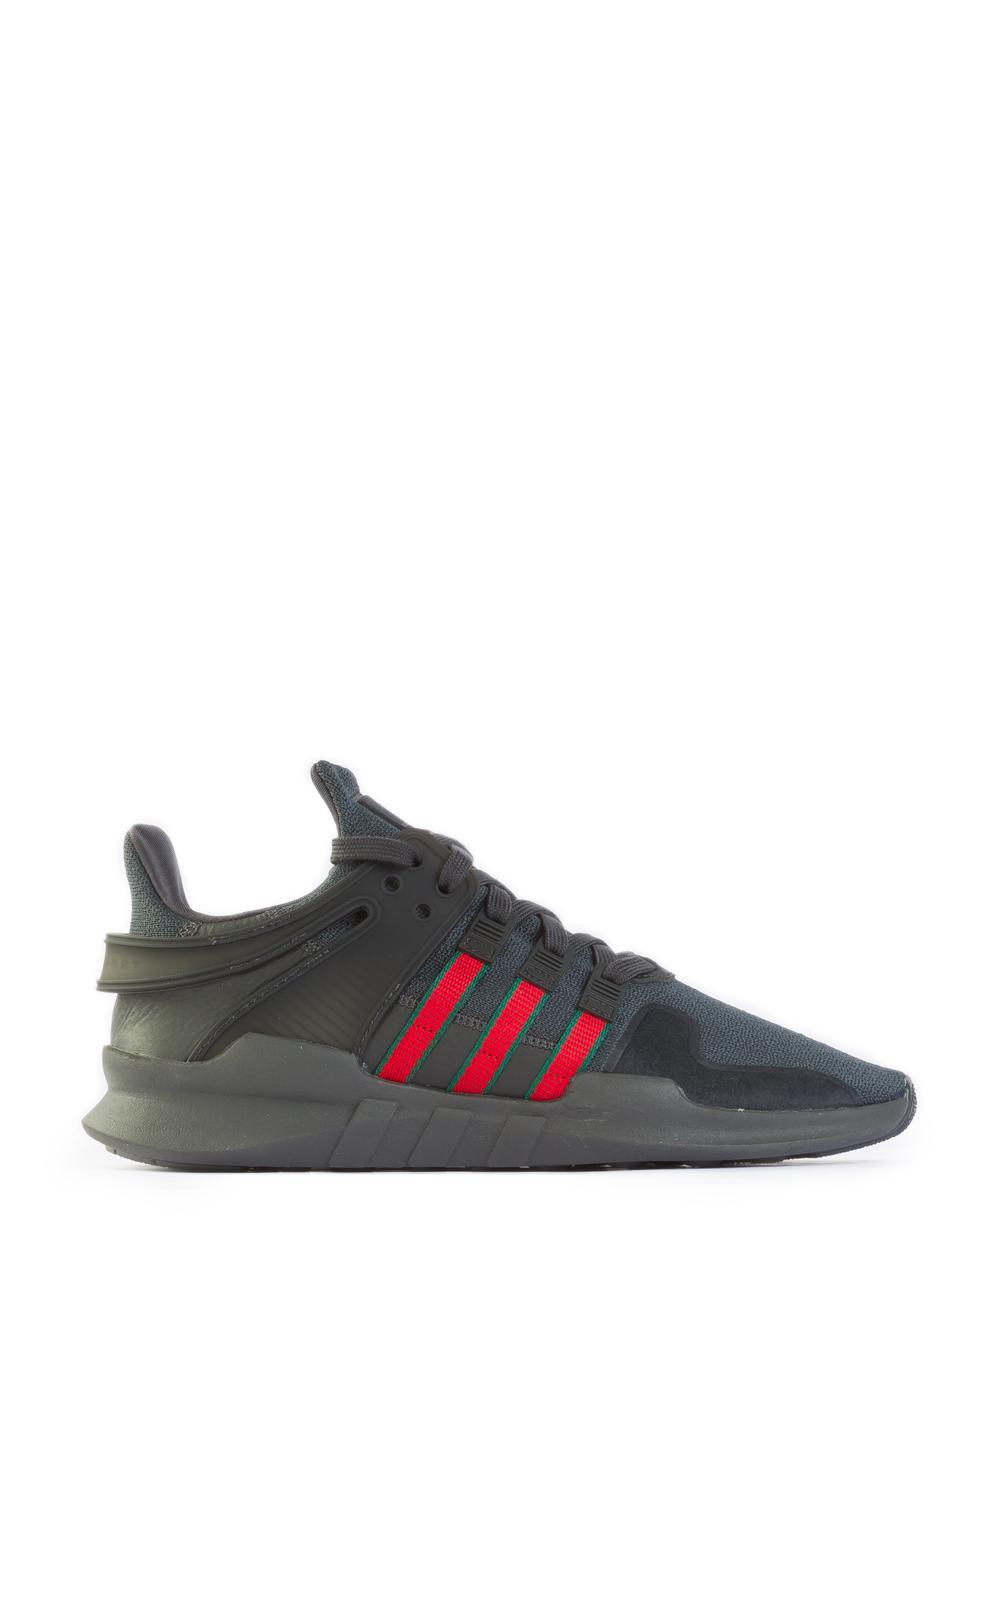 Adidas Originals EQT Support ADV negro / rojo en negro para hombres Lyst